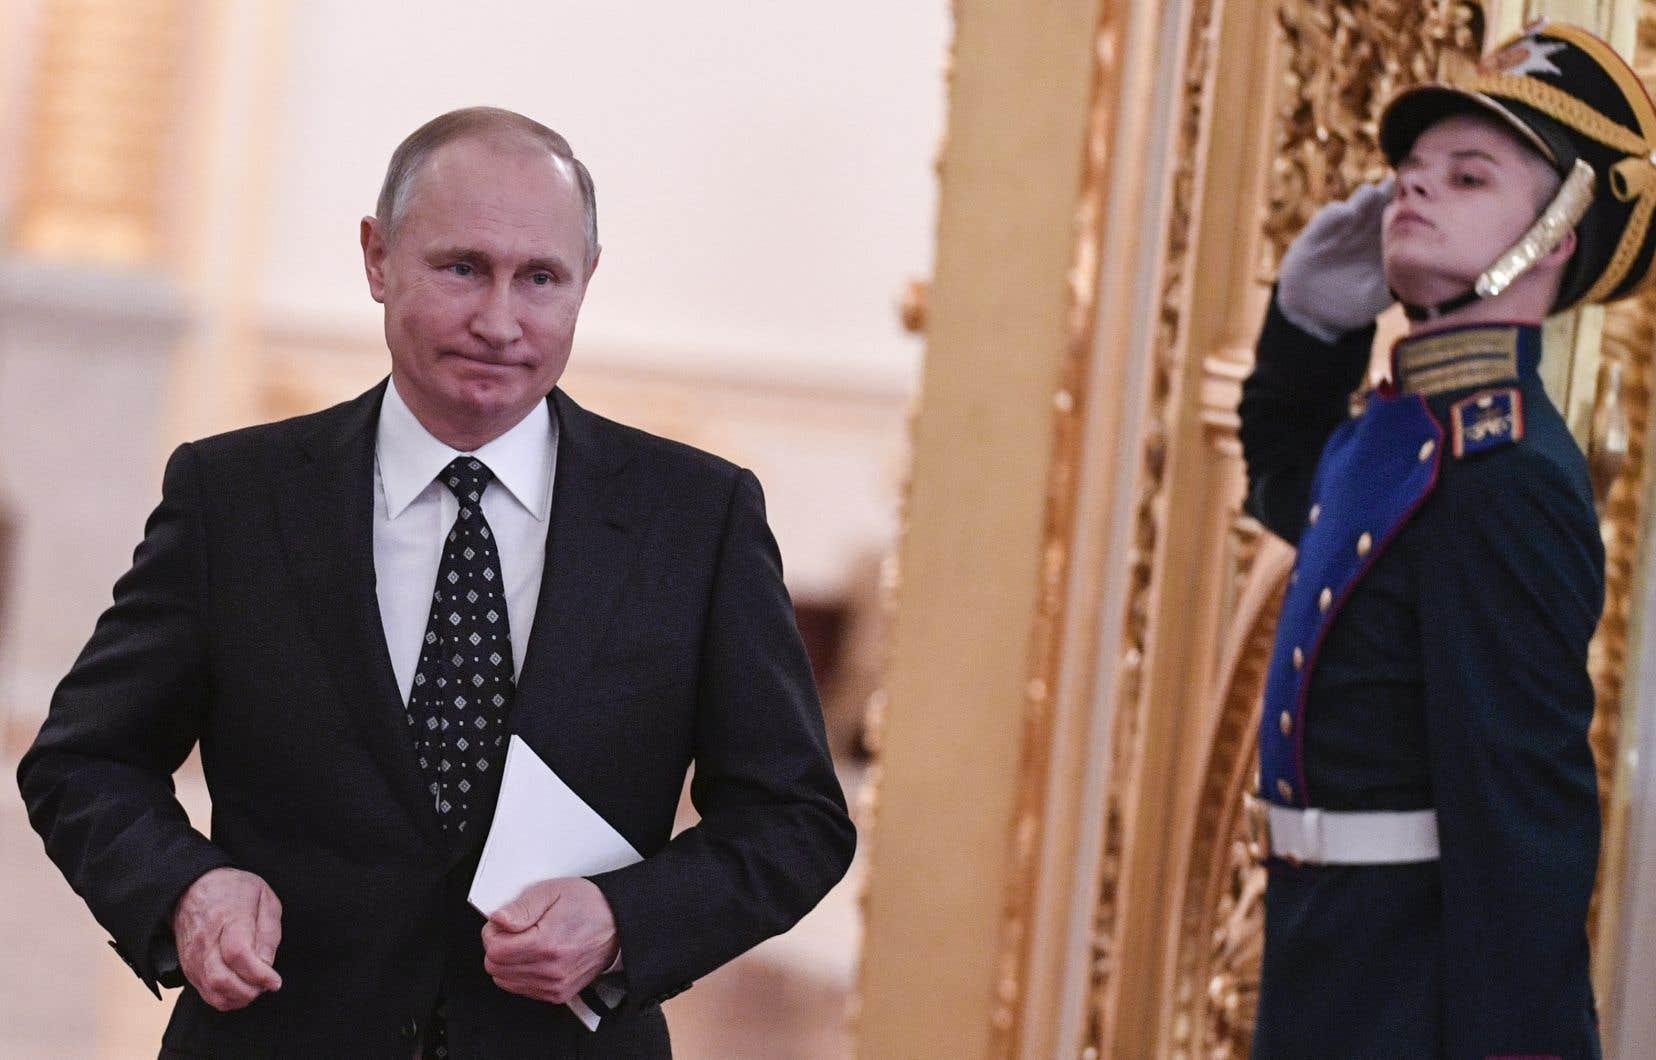 M.Poutine, 65ans, se présente en tant que candidat indépendant pour l'élection du 18mars, pour laquelle il part grand favori faute de réelle concurrence.